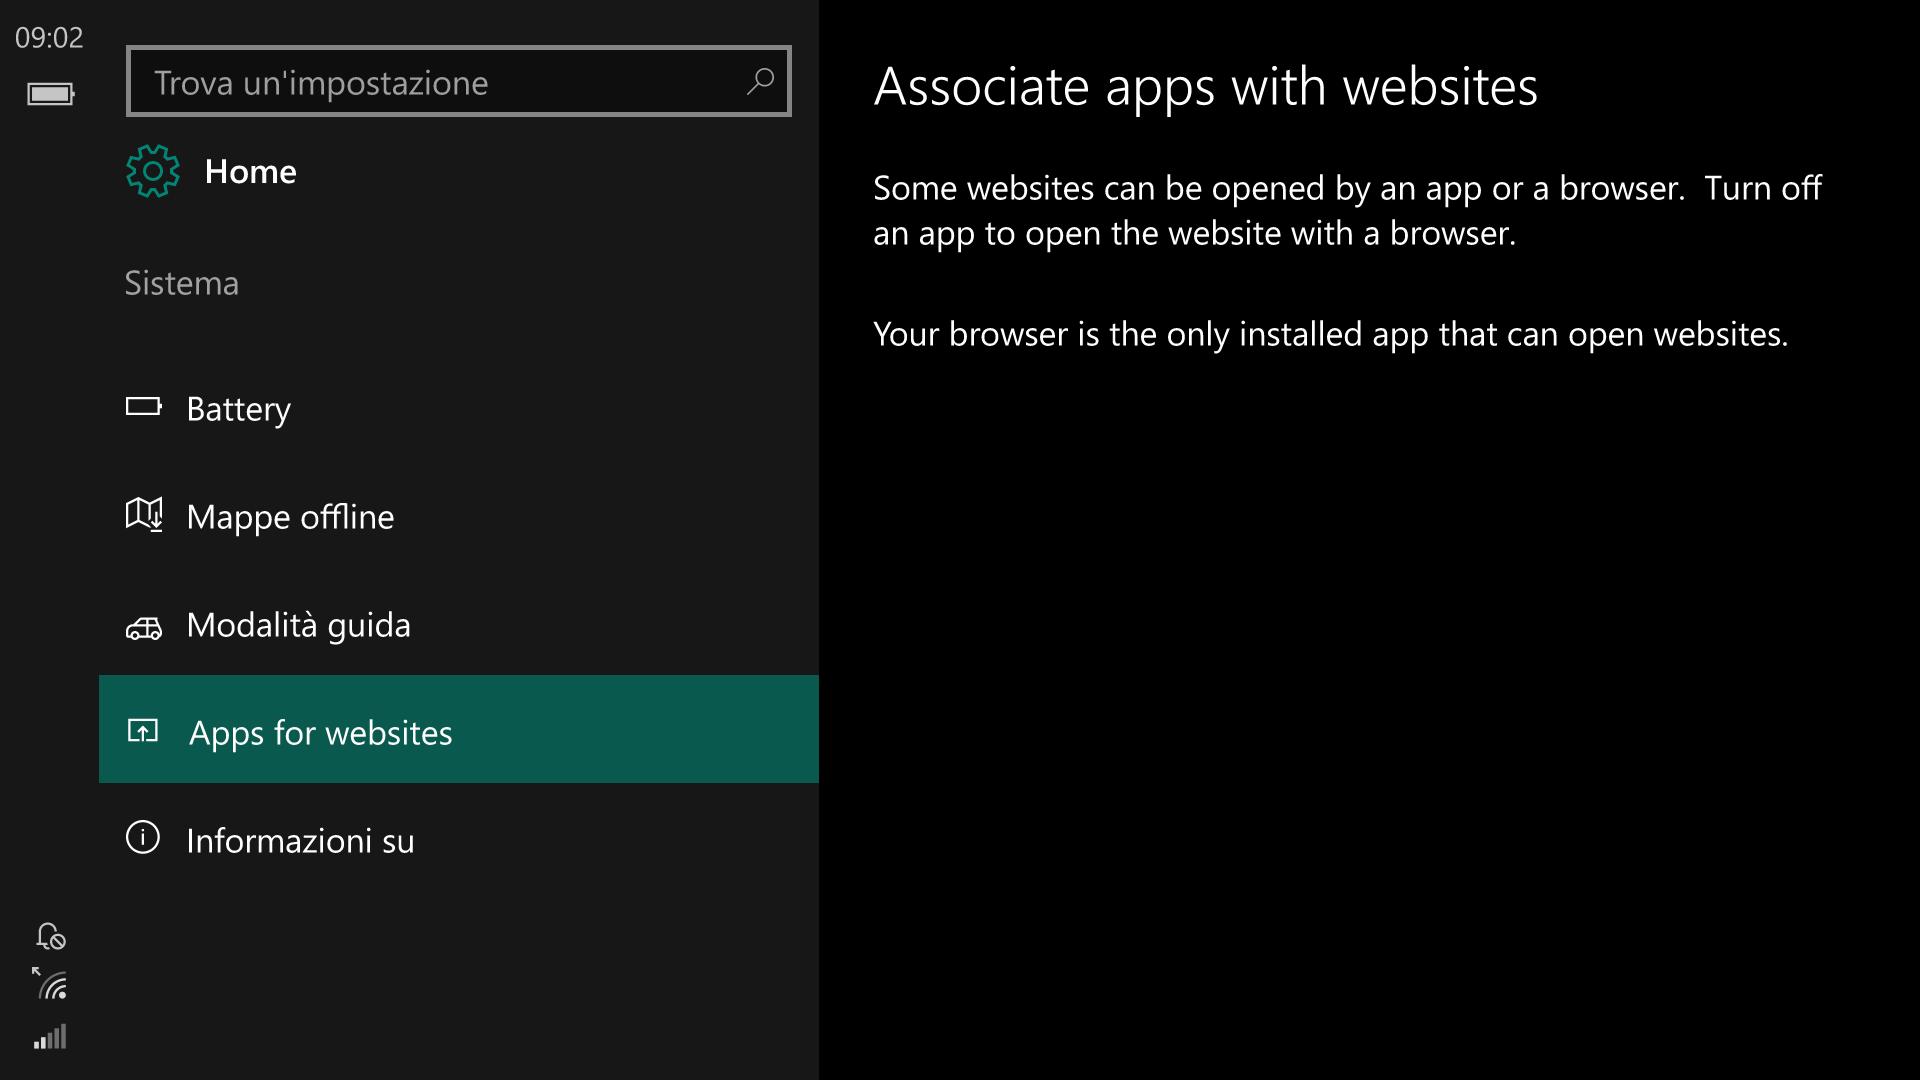 Impostazioni - Windows 10 Mobile 14342 - App per i siti web